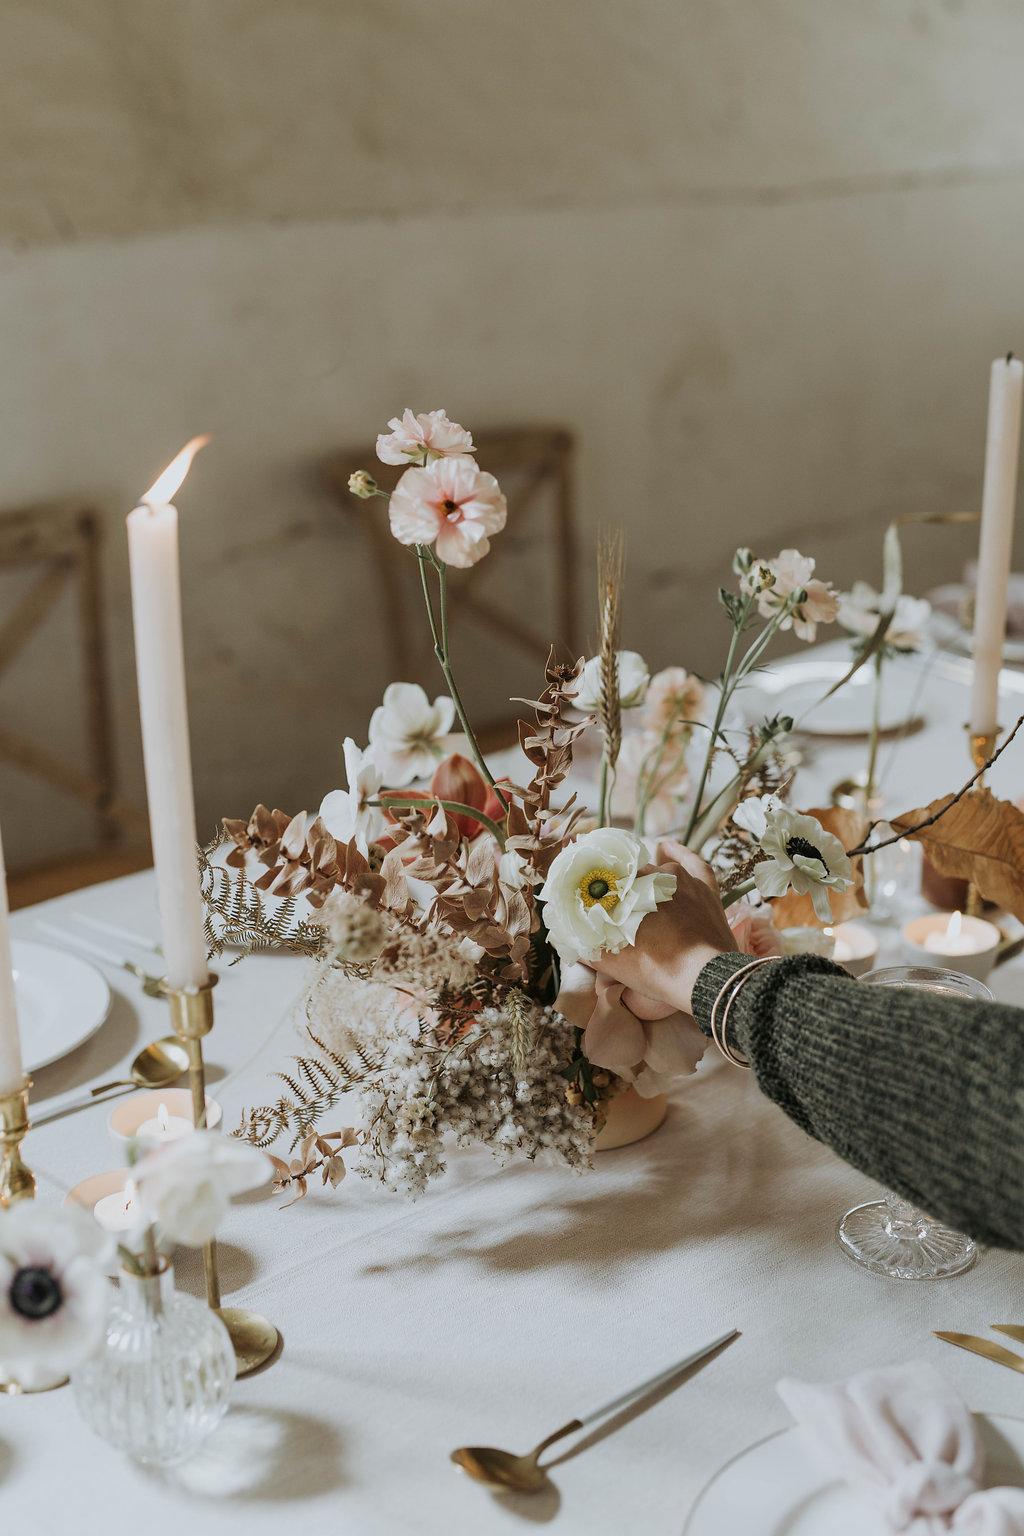 Holloway Floral Design Cape Town Florist